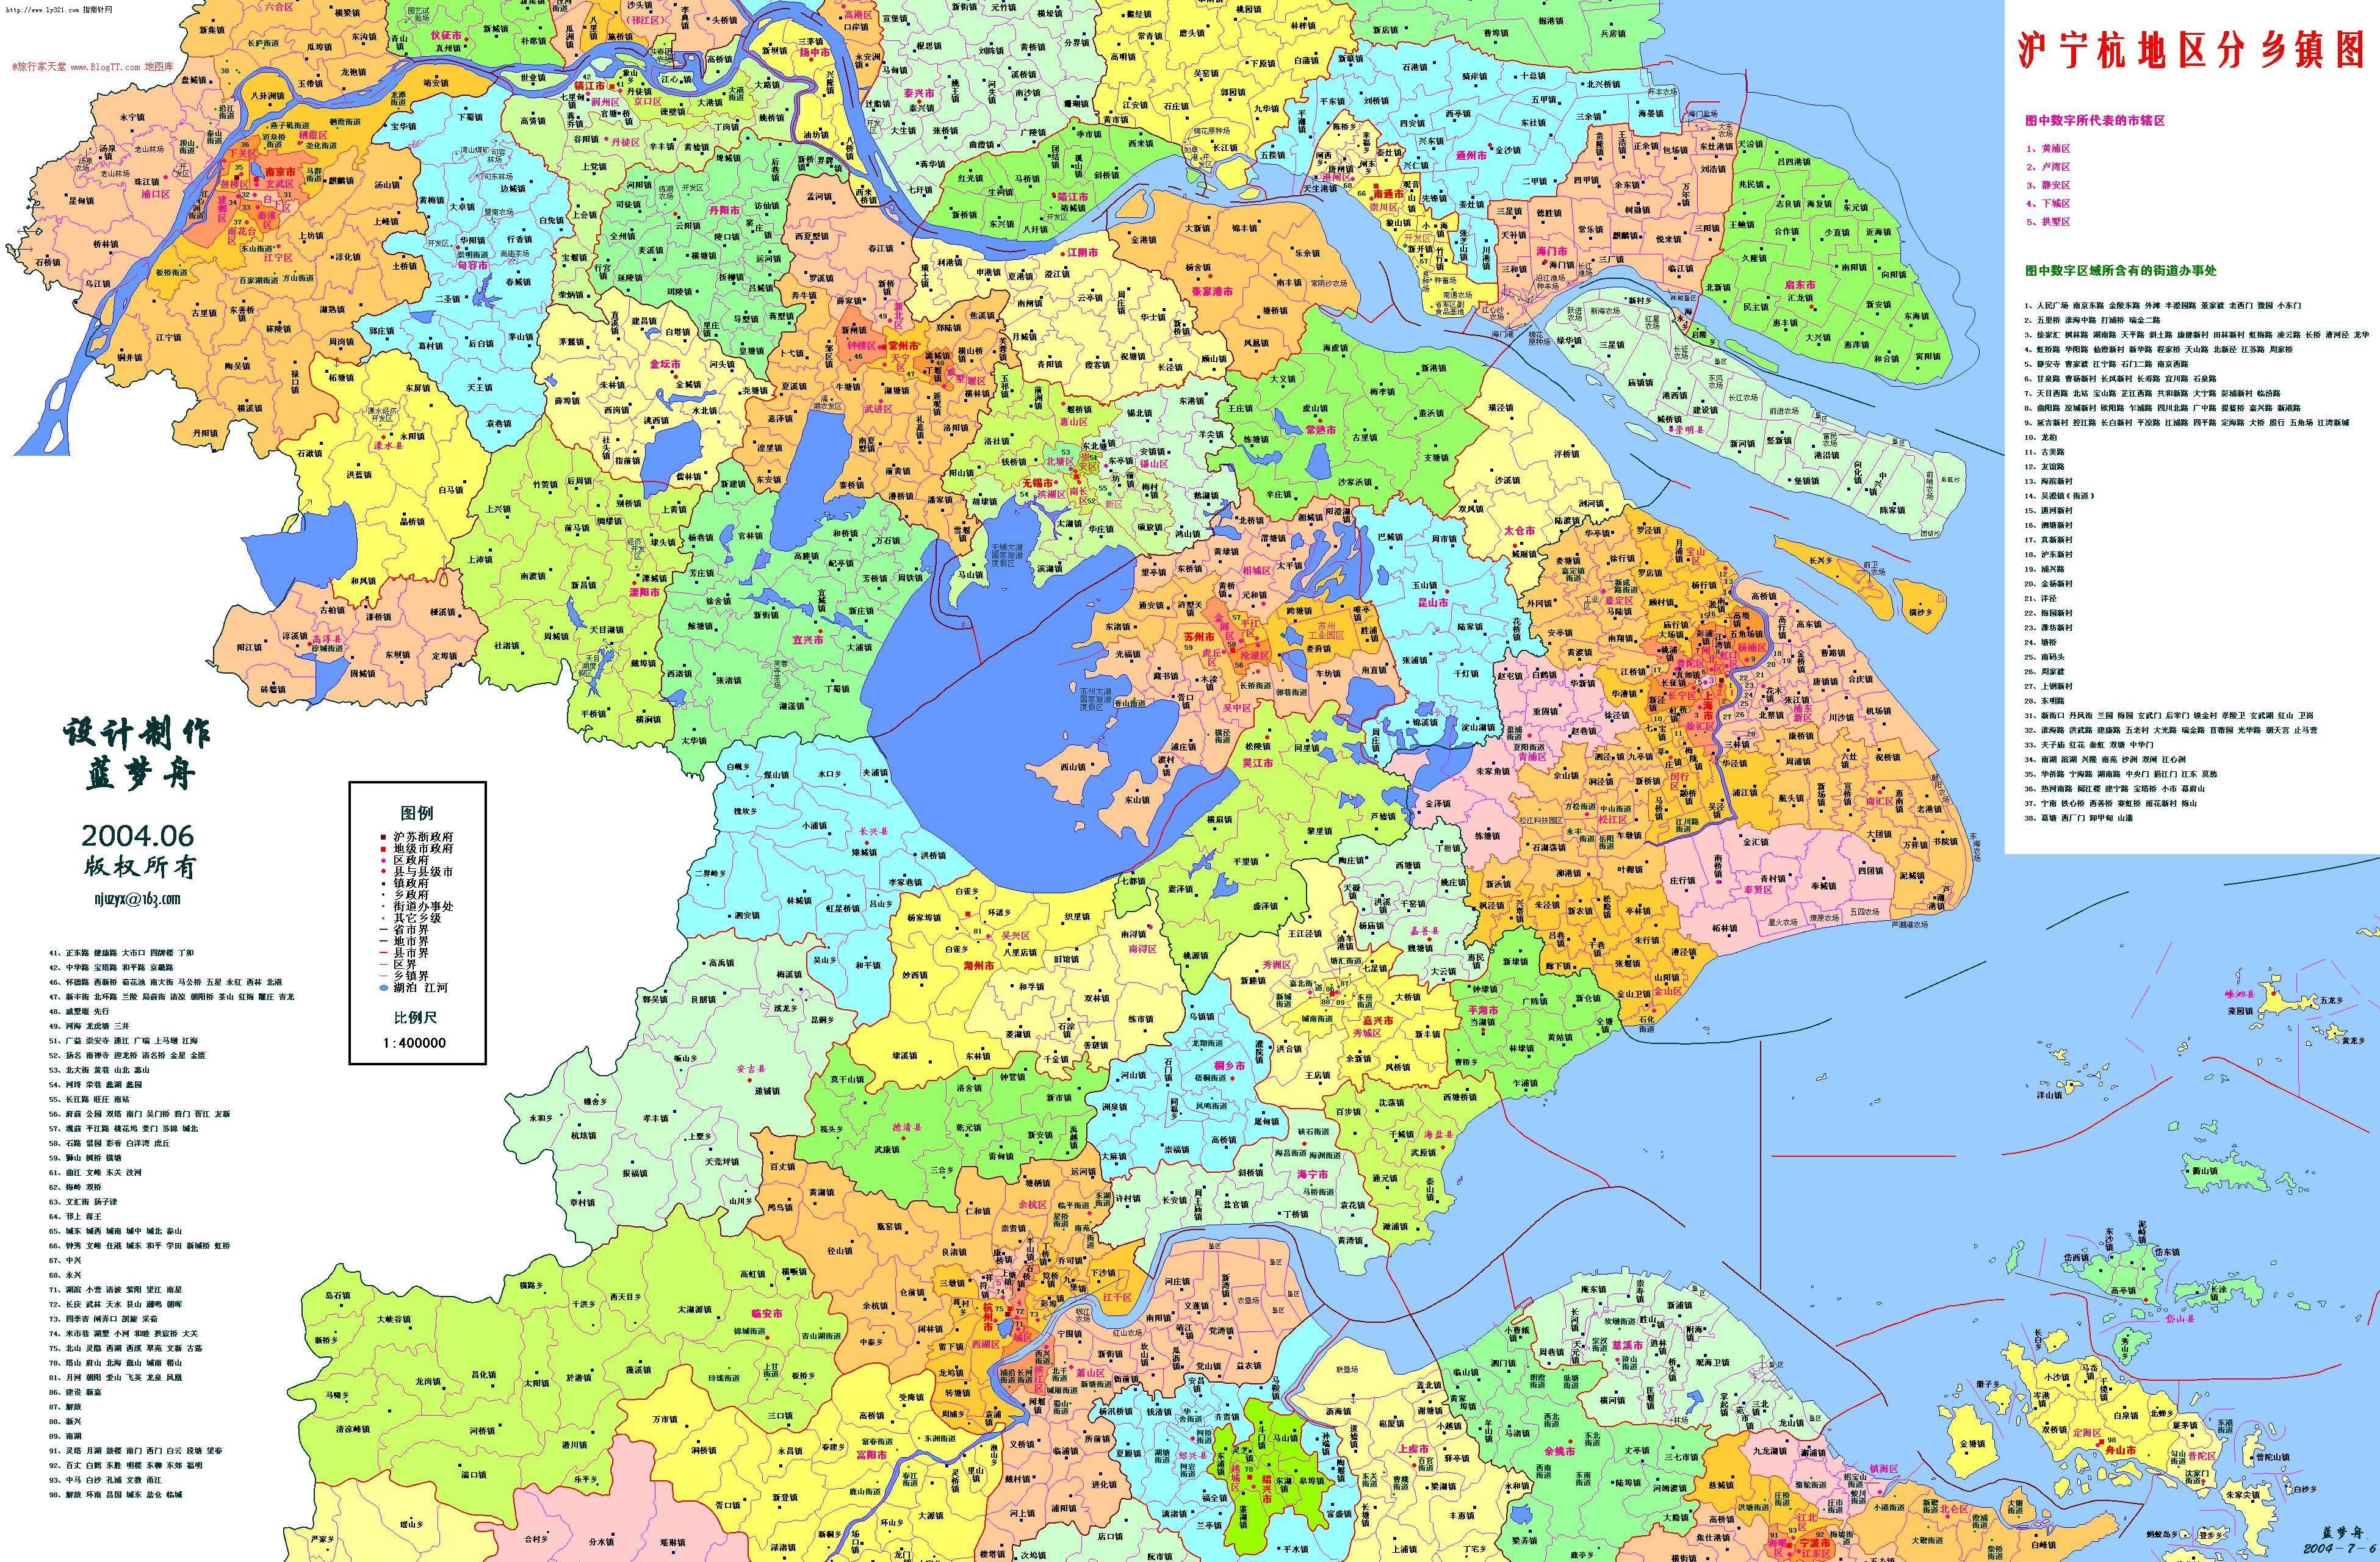 沪宁杭地区分乡镇图_中国地图查询